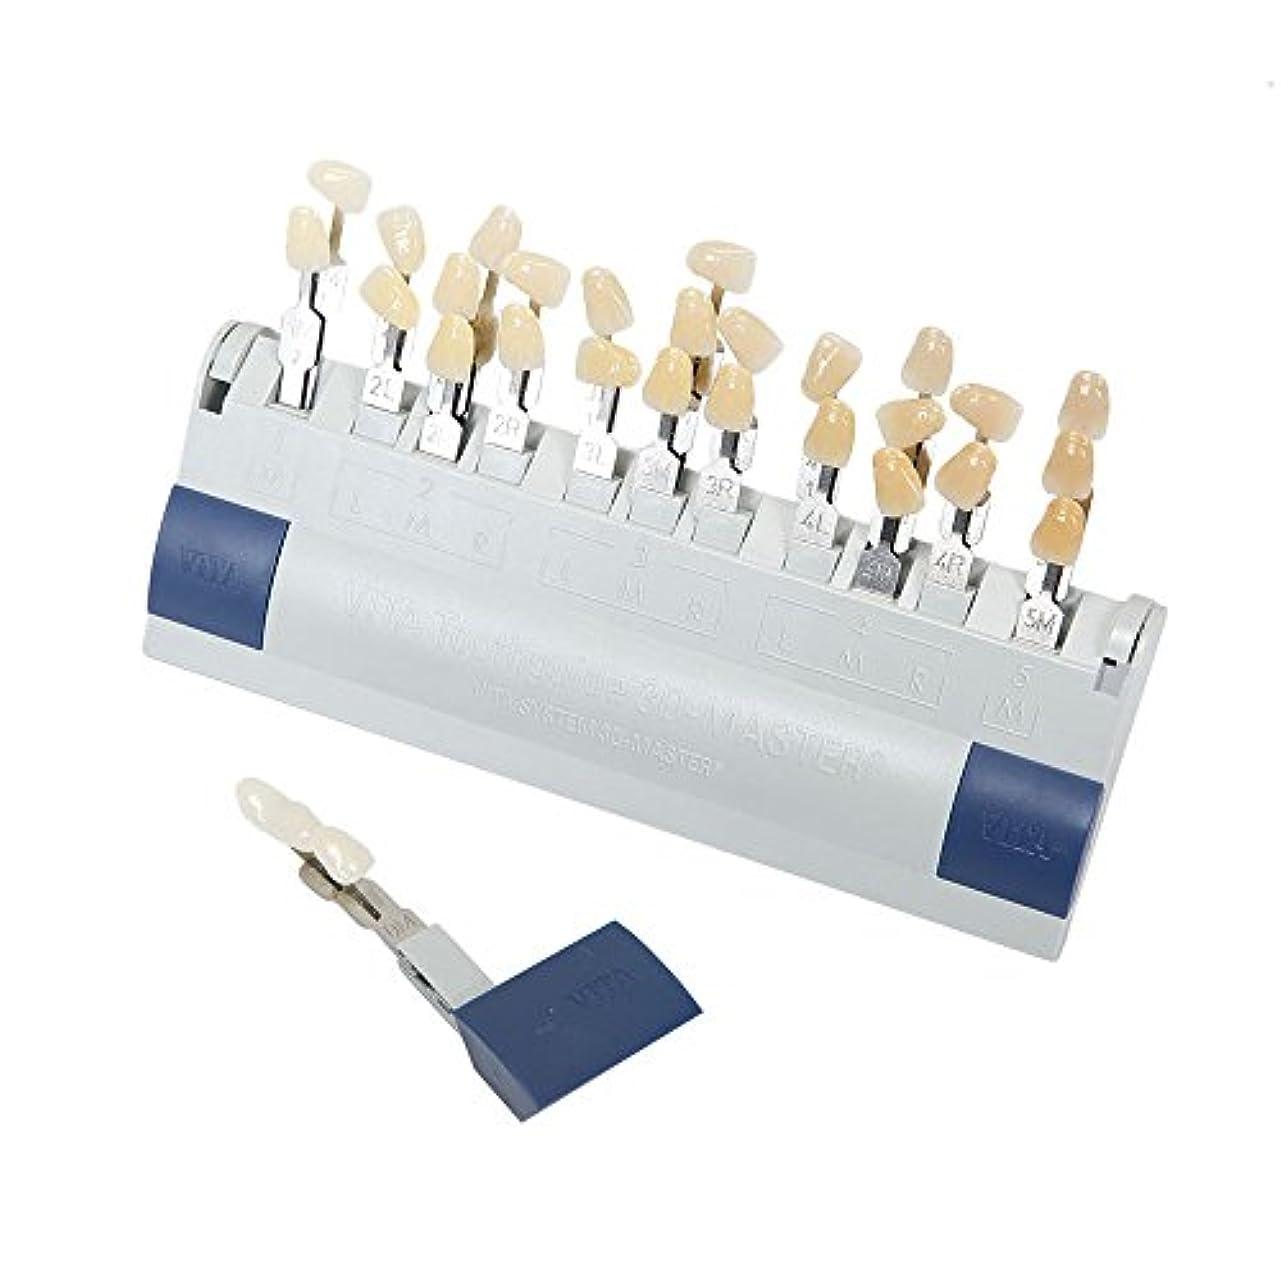 外部緩める離れたVITA 歯科ホワイトニング シェードガイド 29色 3D 歯列模型ボード